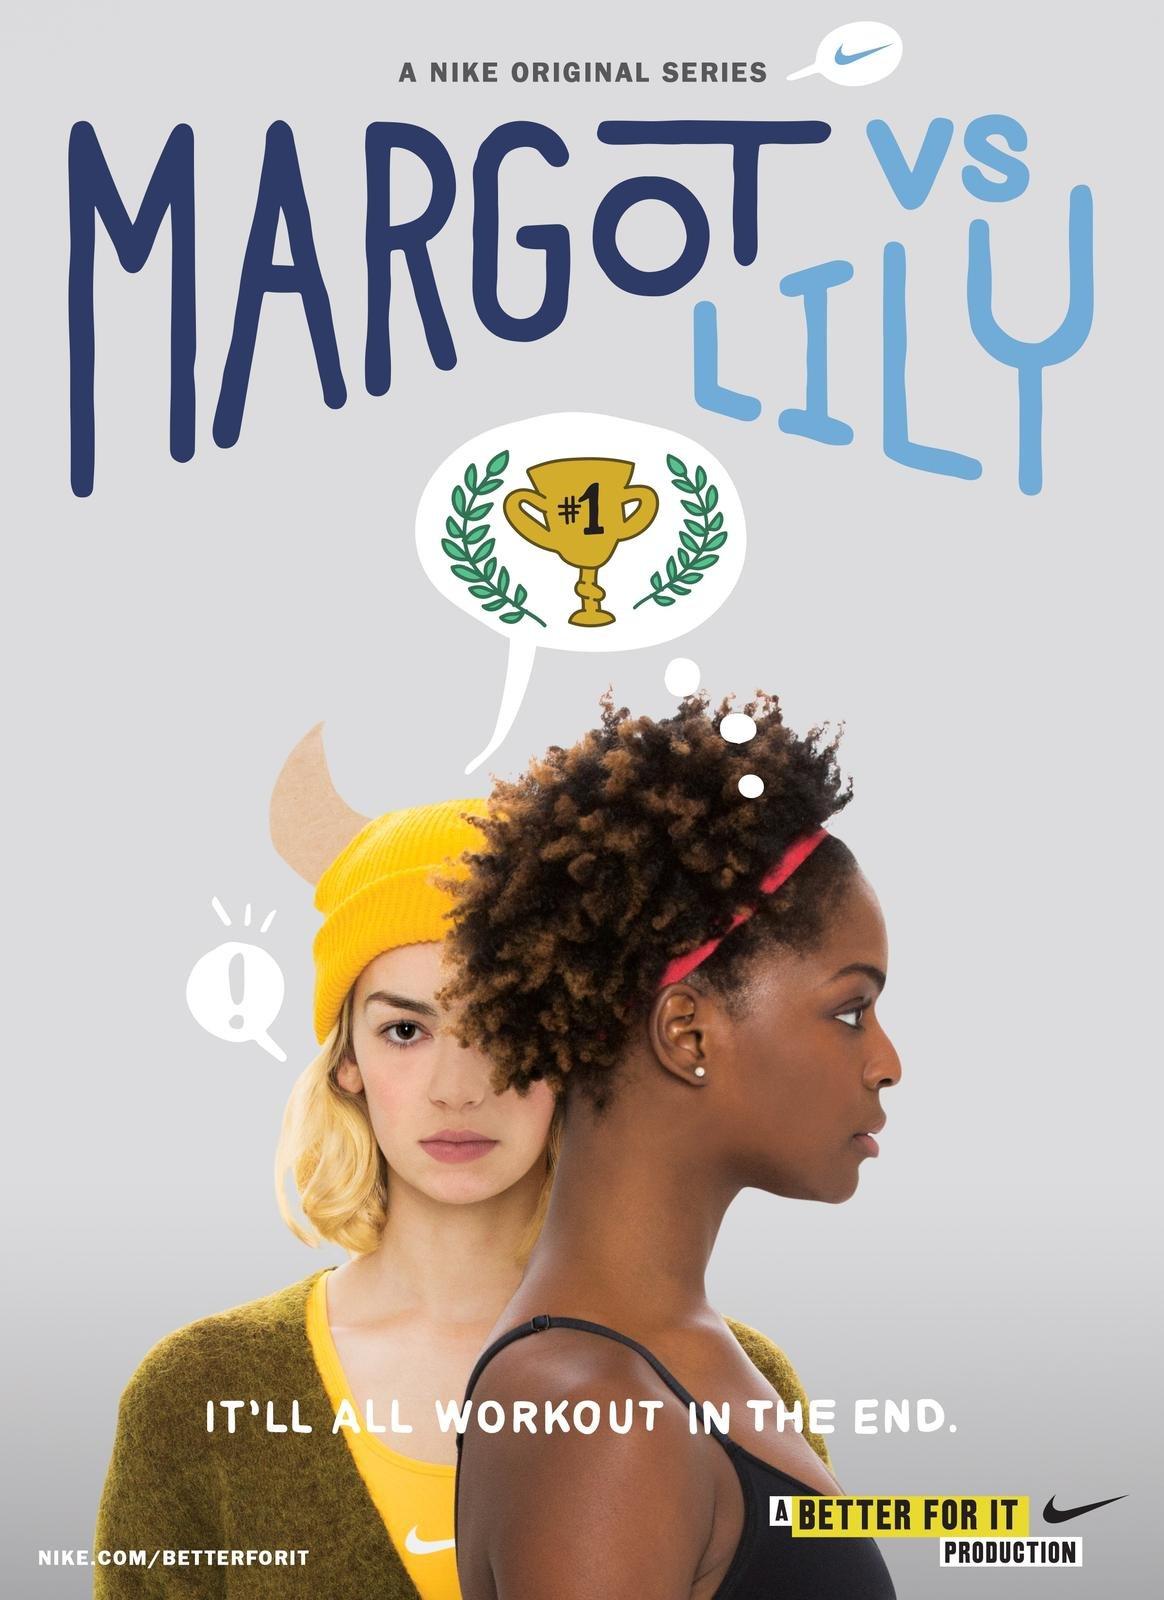 Margot vs. Lily (2016)